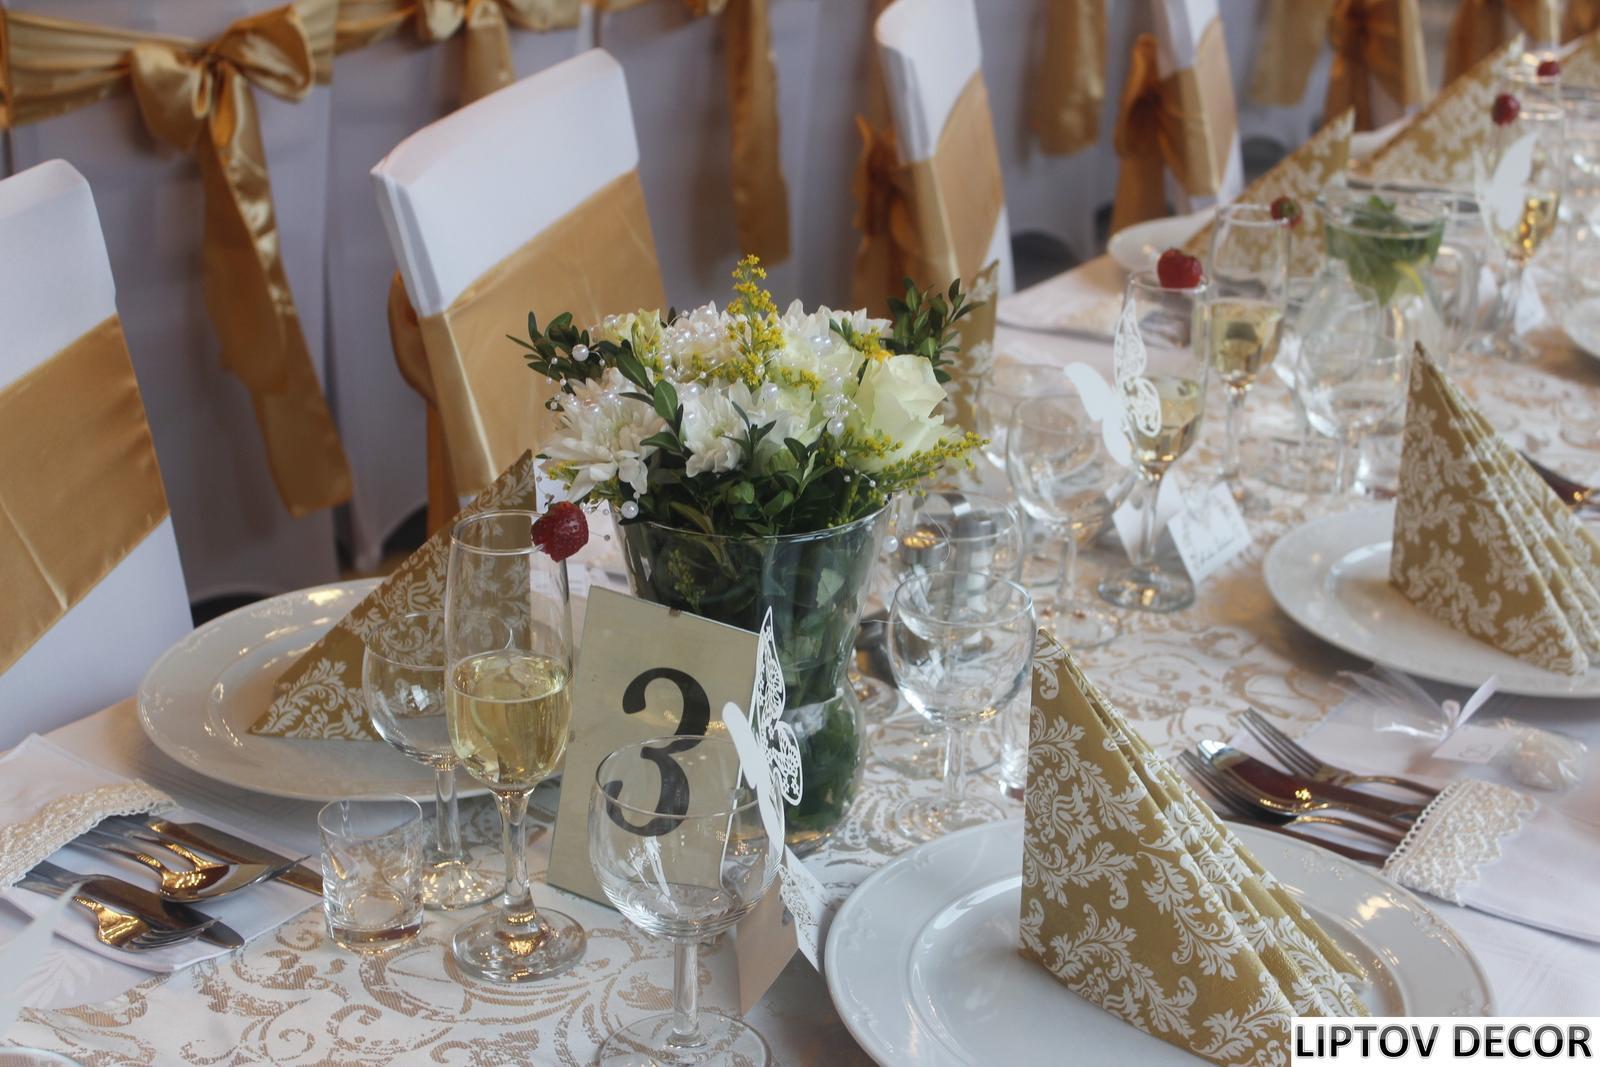 Svadobná výzdoba - HOTEL HRABOVO RUŽOMBEROK - Obrázok č. 9